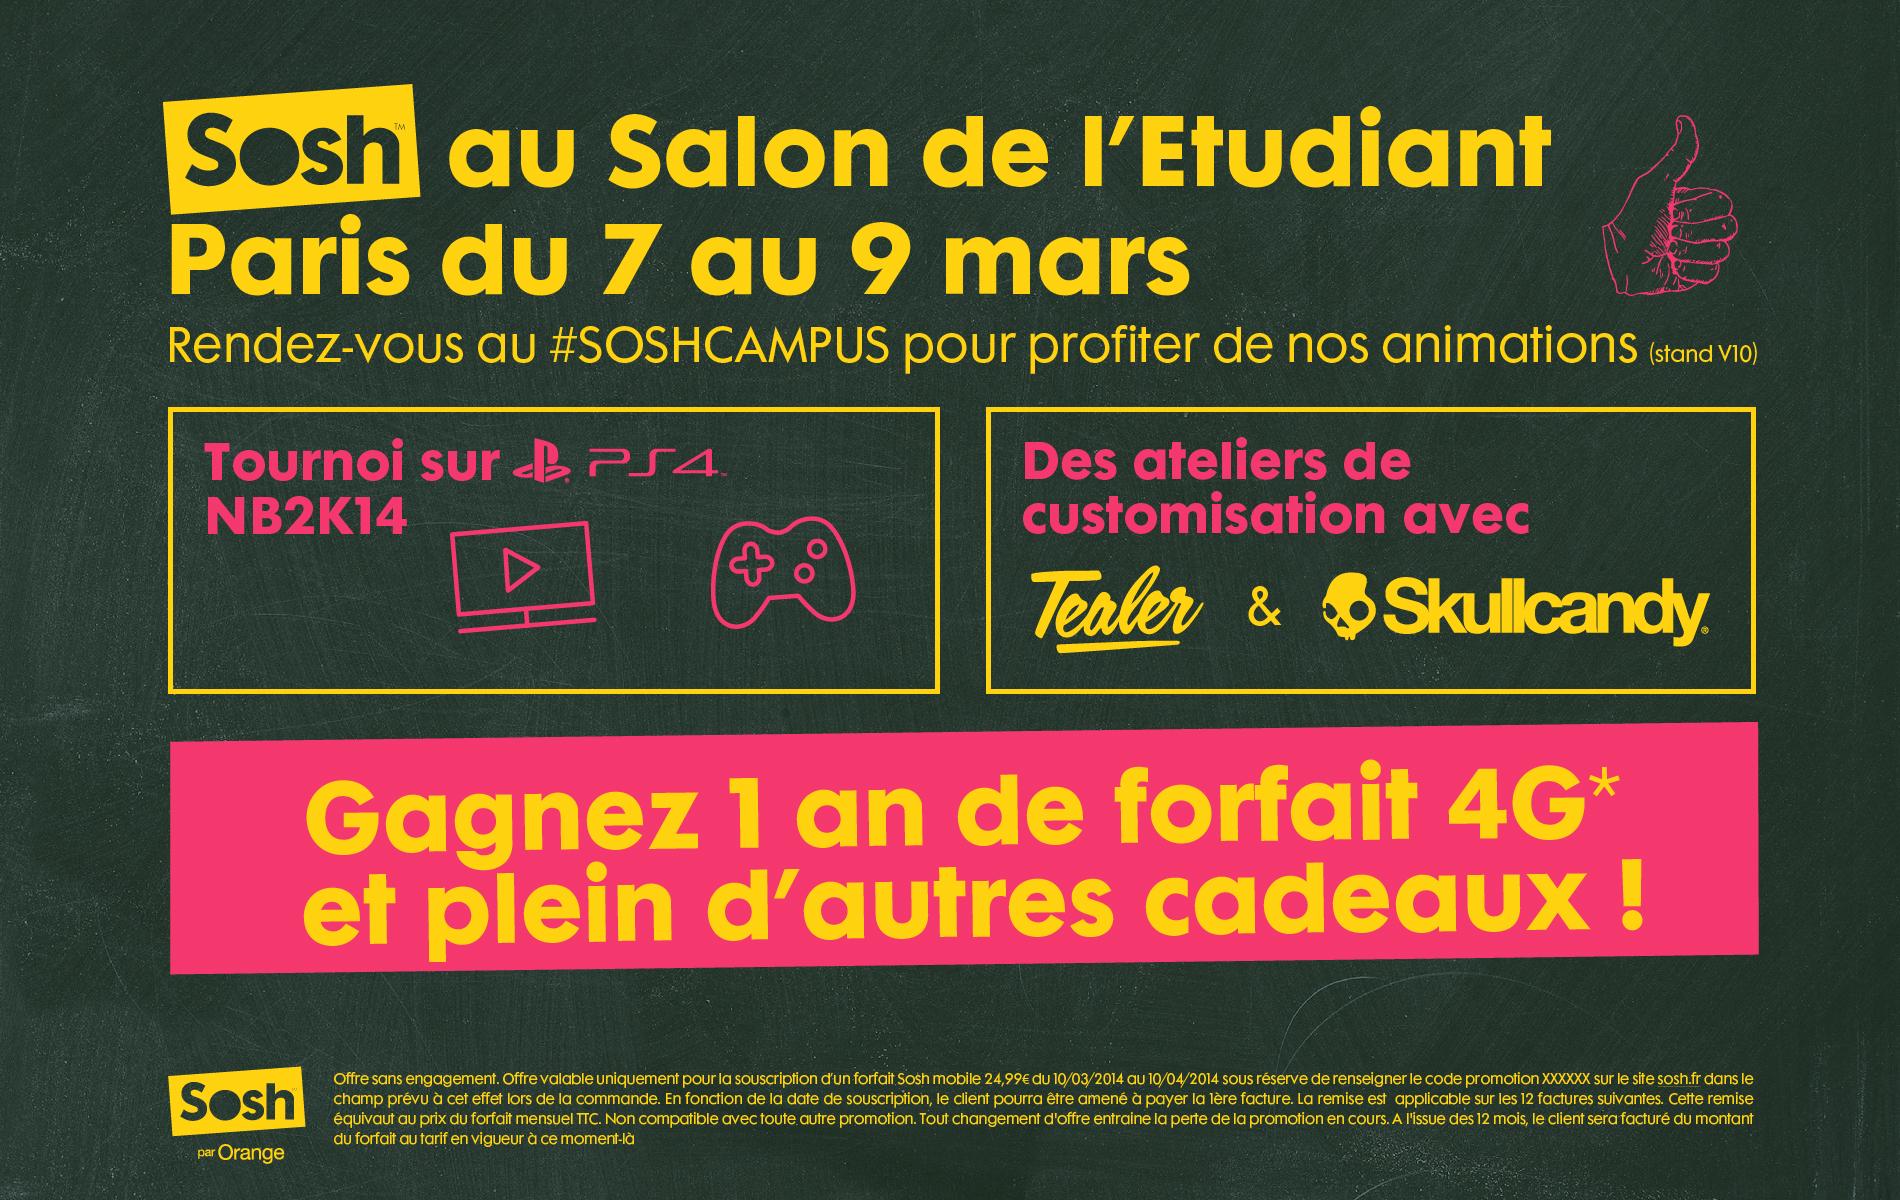 Sosh est au salon de l 39 etudiant de paris jusqu 39 au sosh - Salon etudiant paris ...